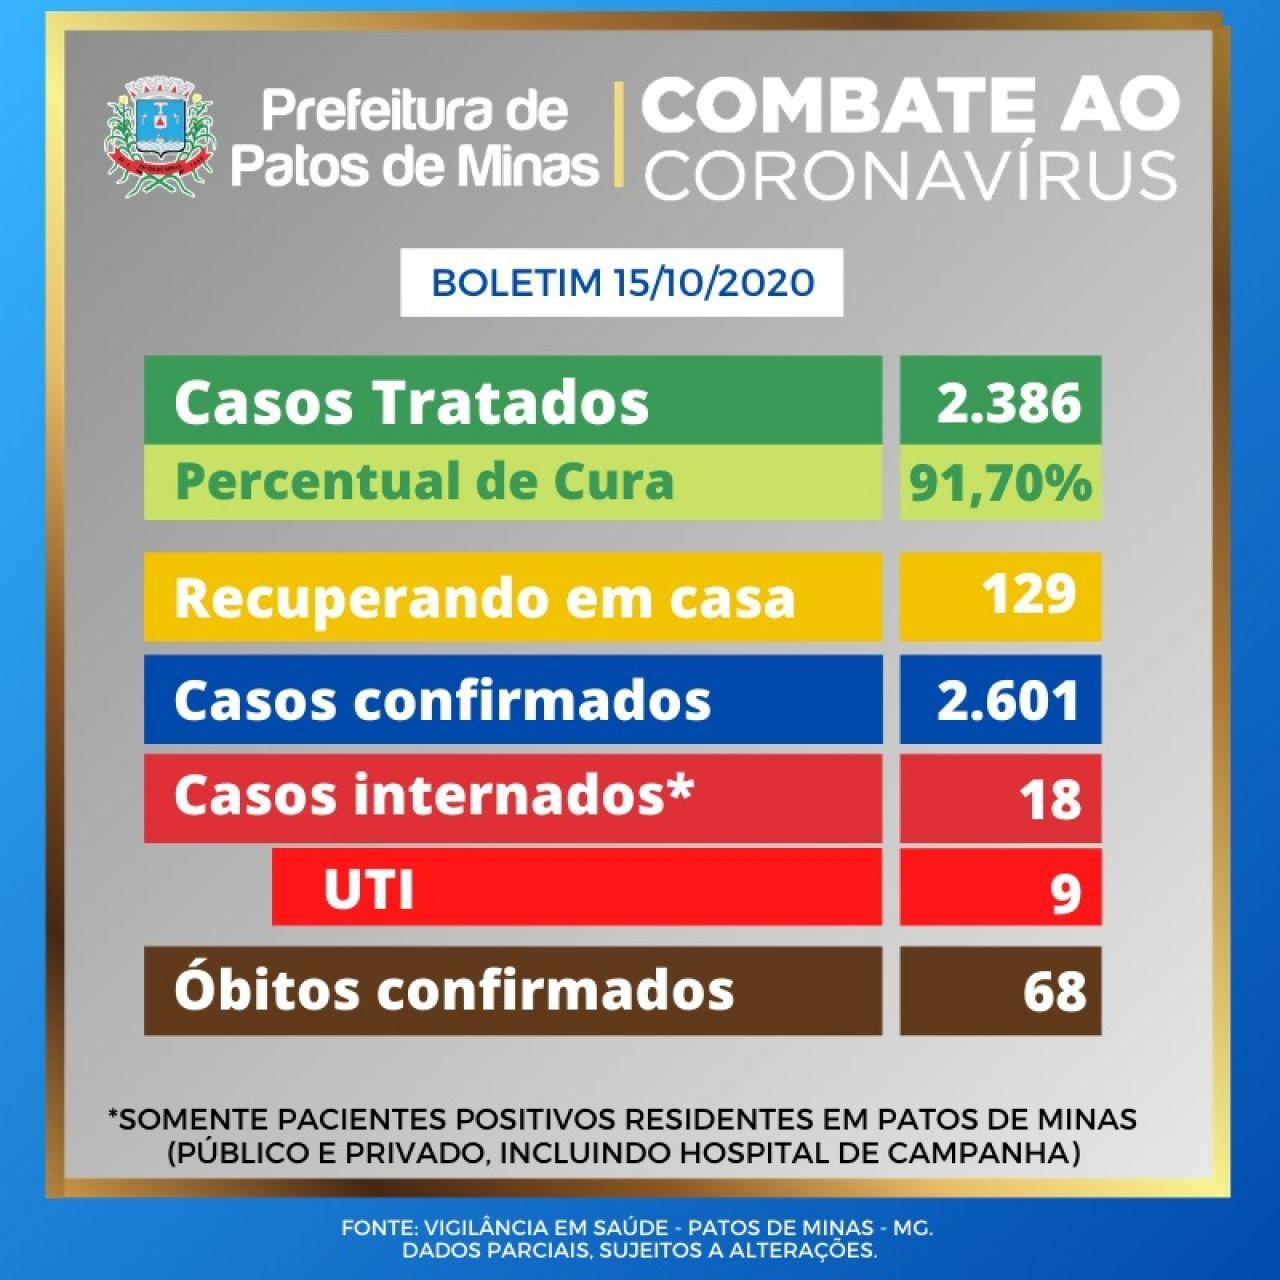 Covid-19: boletim epidemiológico informa 6 novos casos e 2 óbitos confirmados